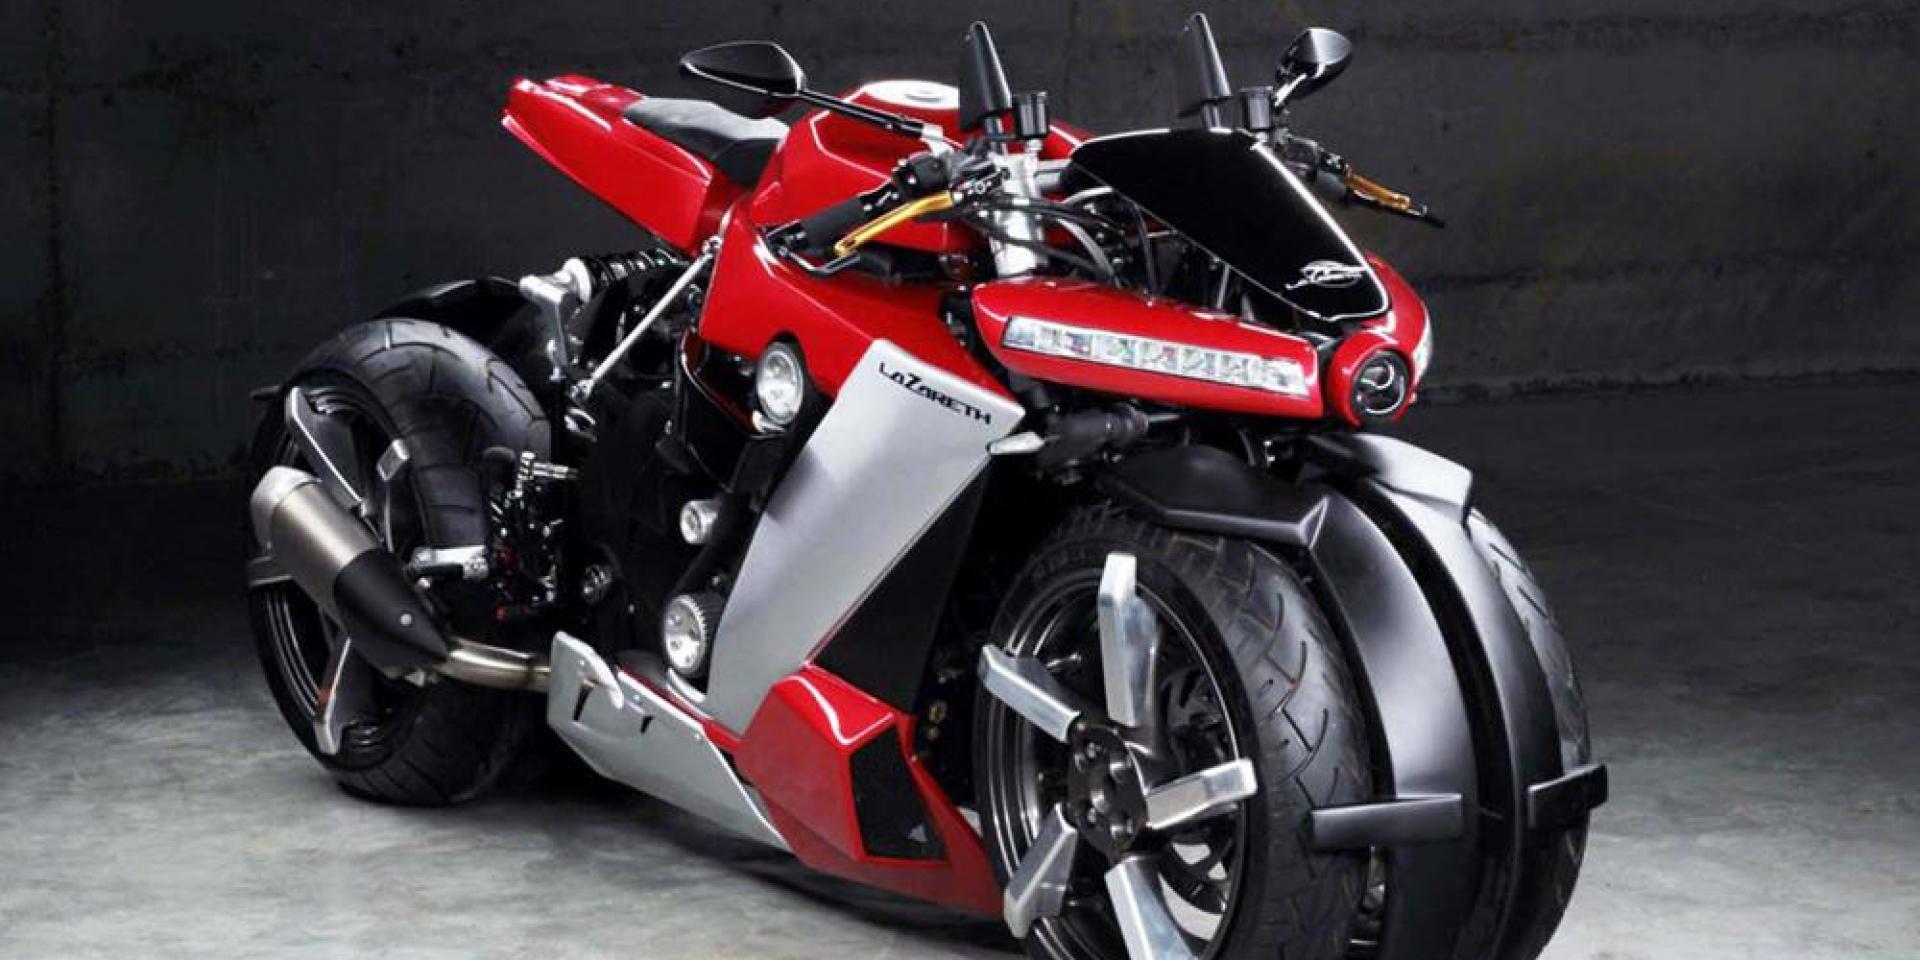 掛上R1引擎的四輪鬥牛犬。Lazareth LM 410 十萬歐元海外發表!